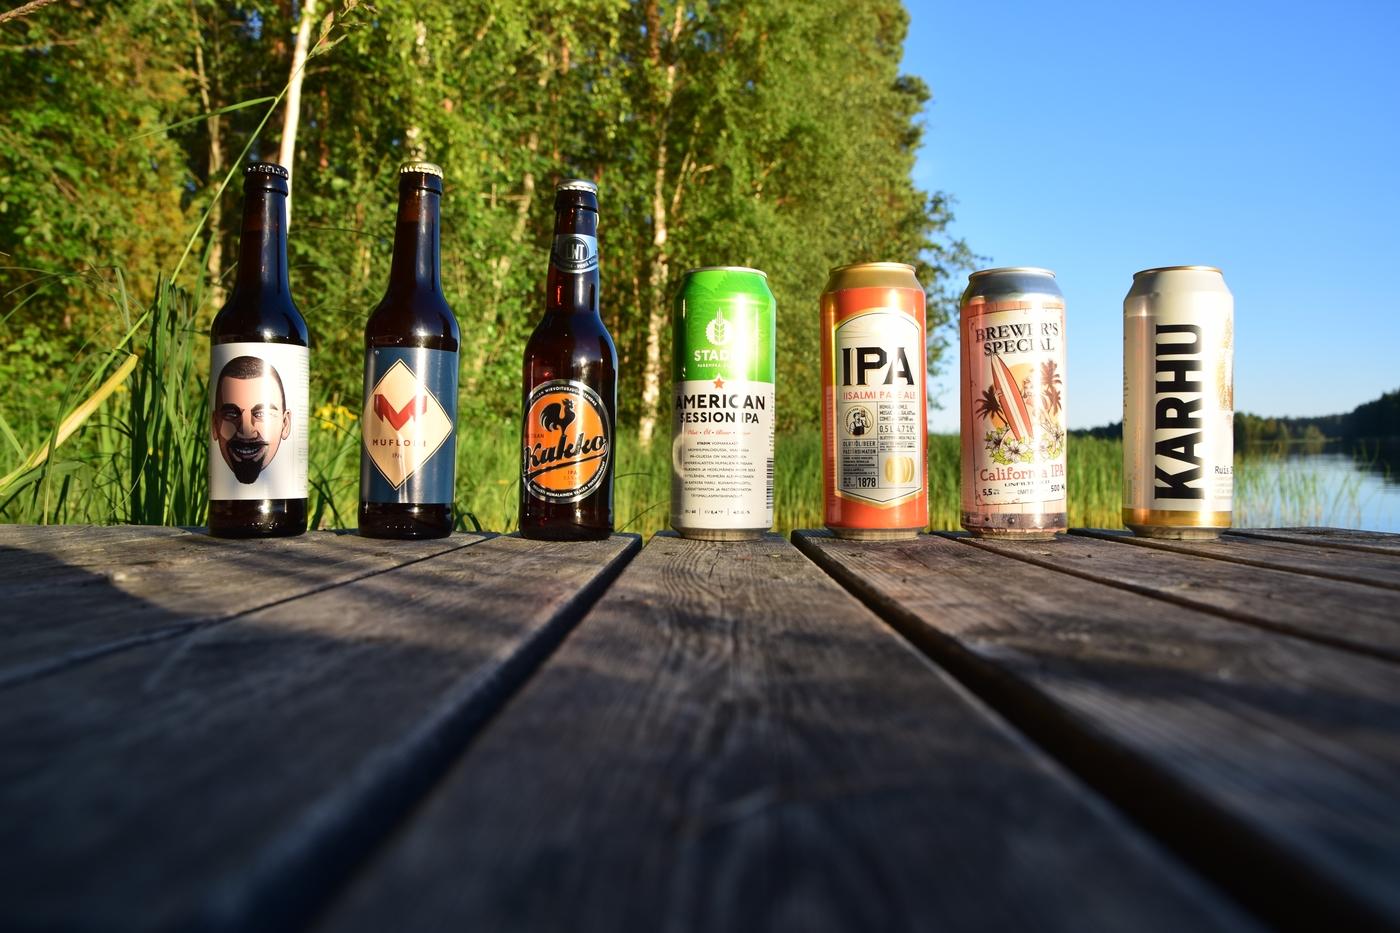 Maistuuko katkeruus oluessa vai avioliitossa? – marketti-ipat testissä